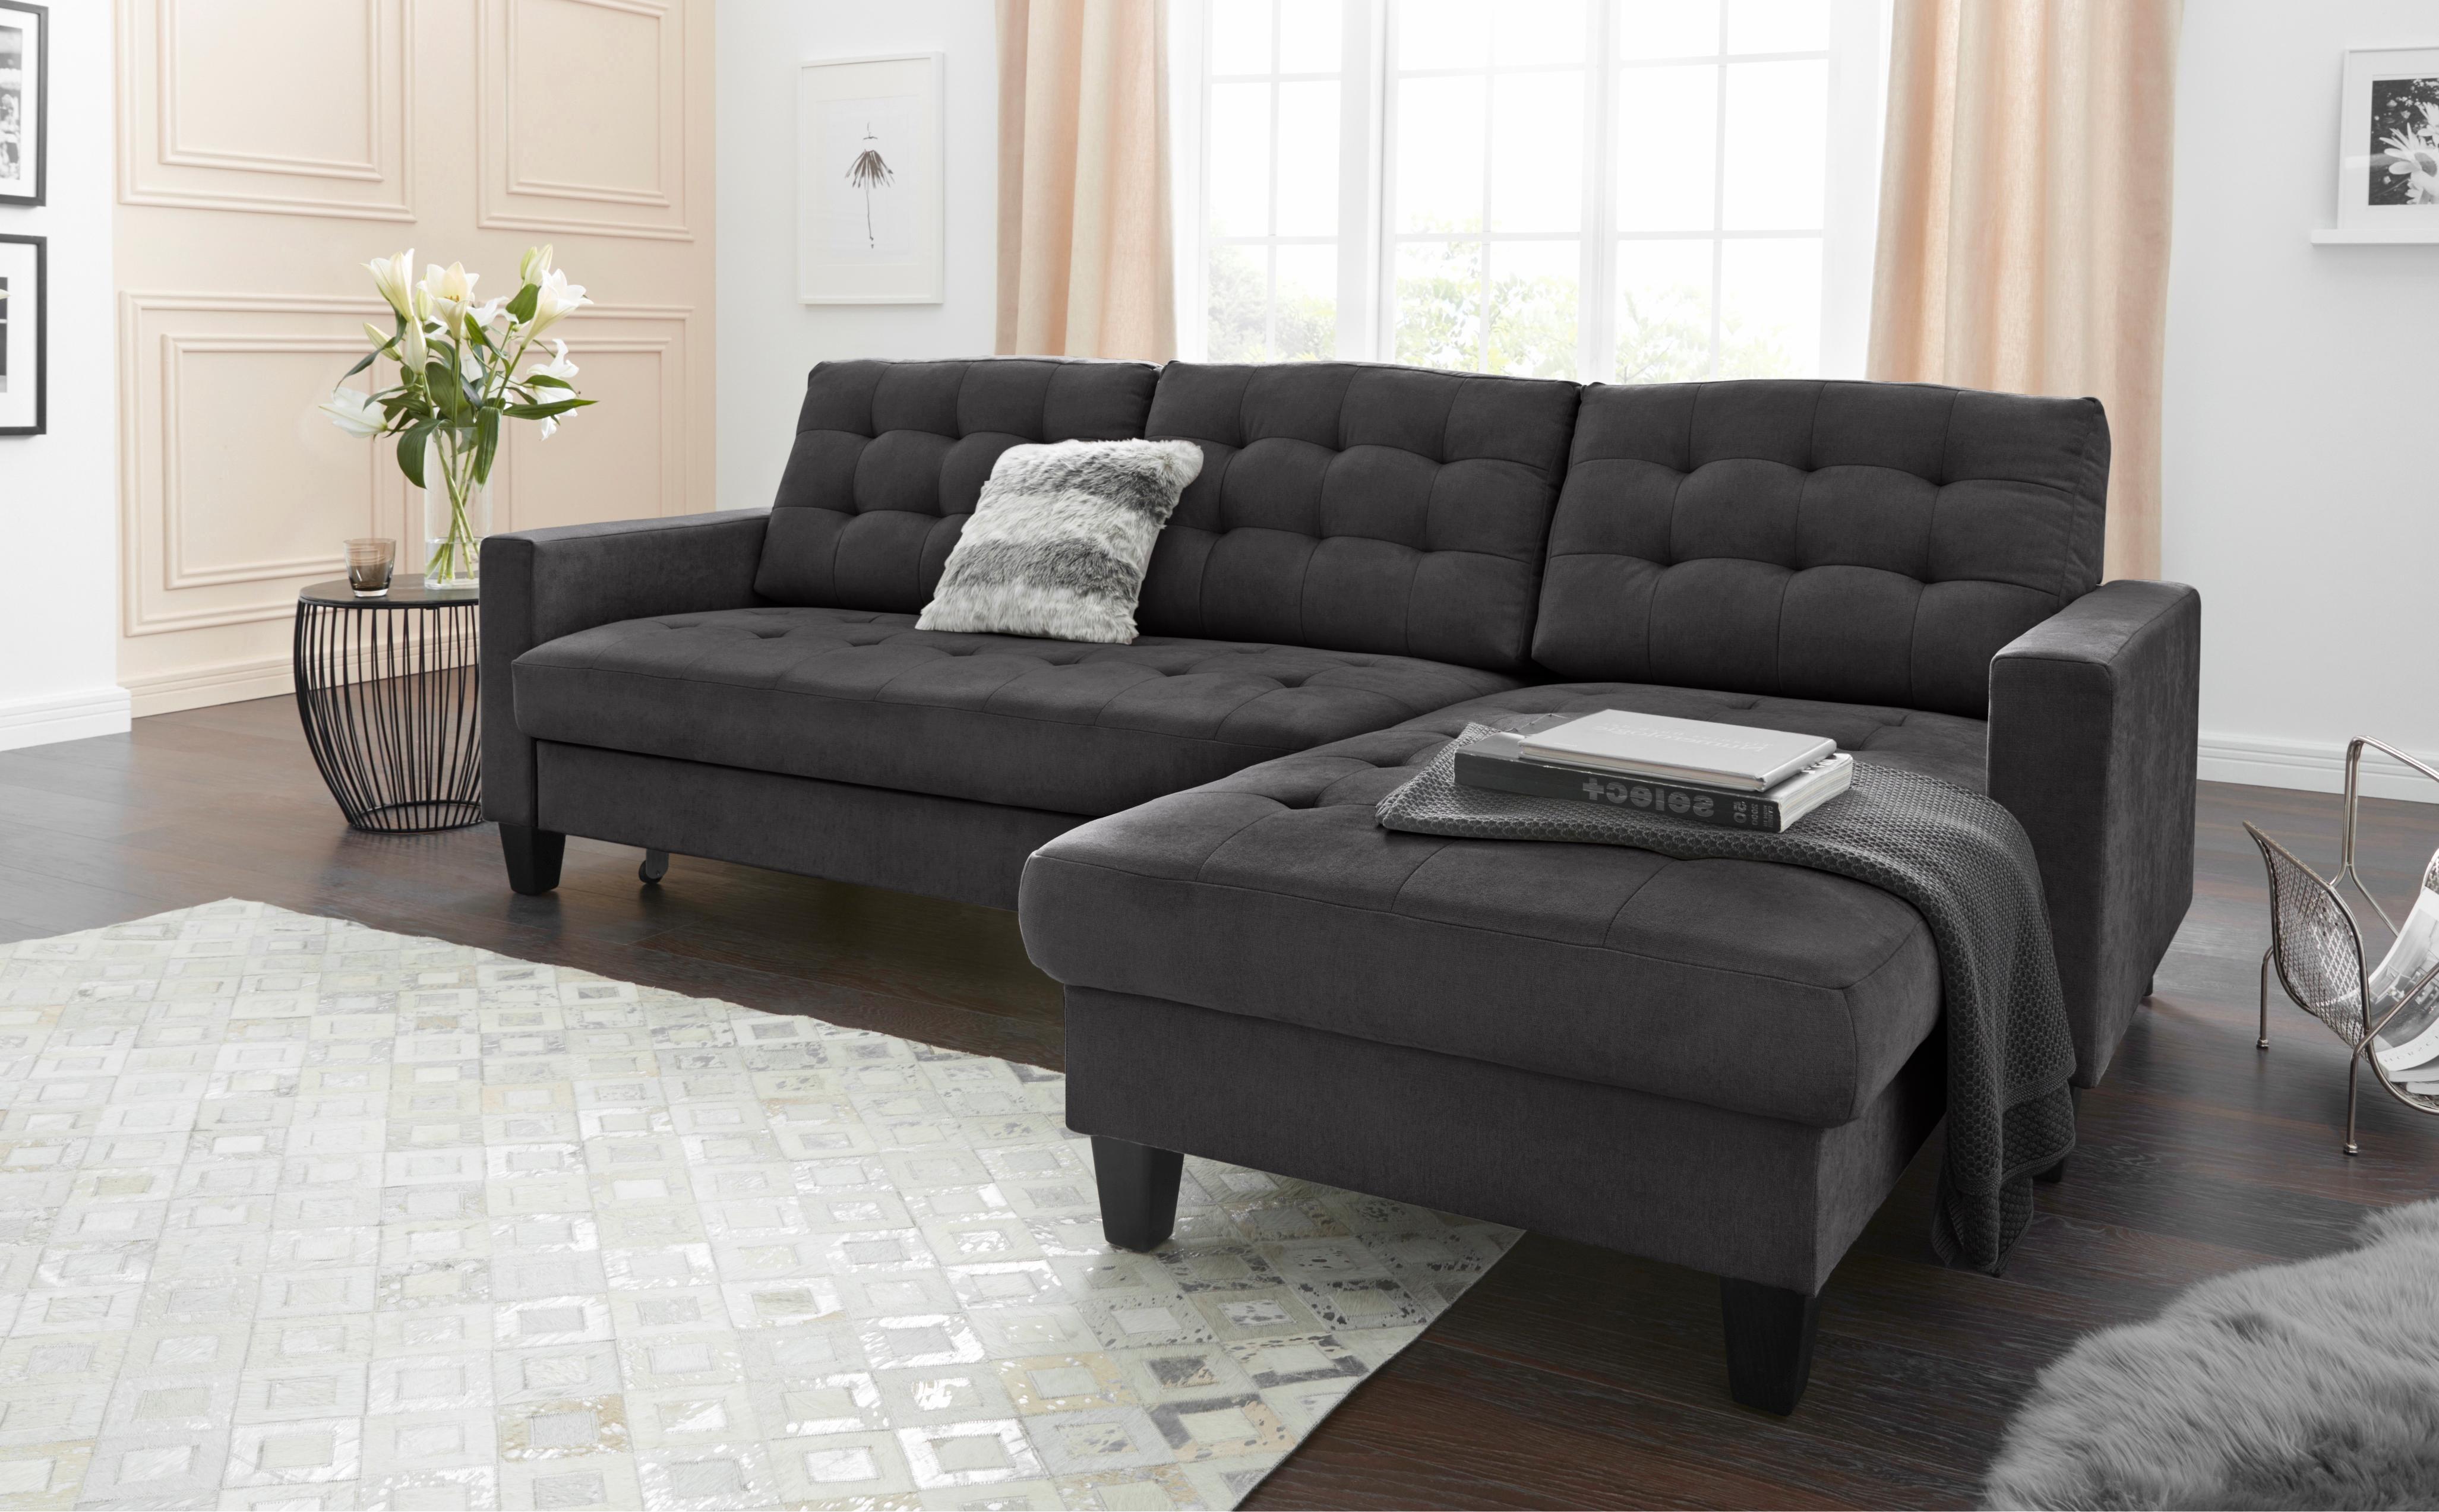 novavia castello ecksofas eckcouches online kaufen m bel suchmaschine. Black Bedroom Furniture Sets. Home Design Ideas